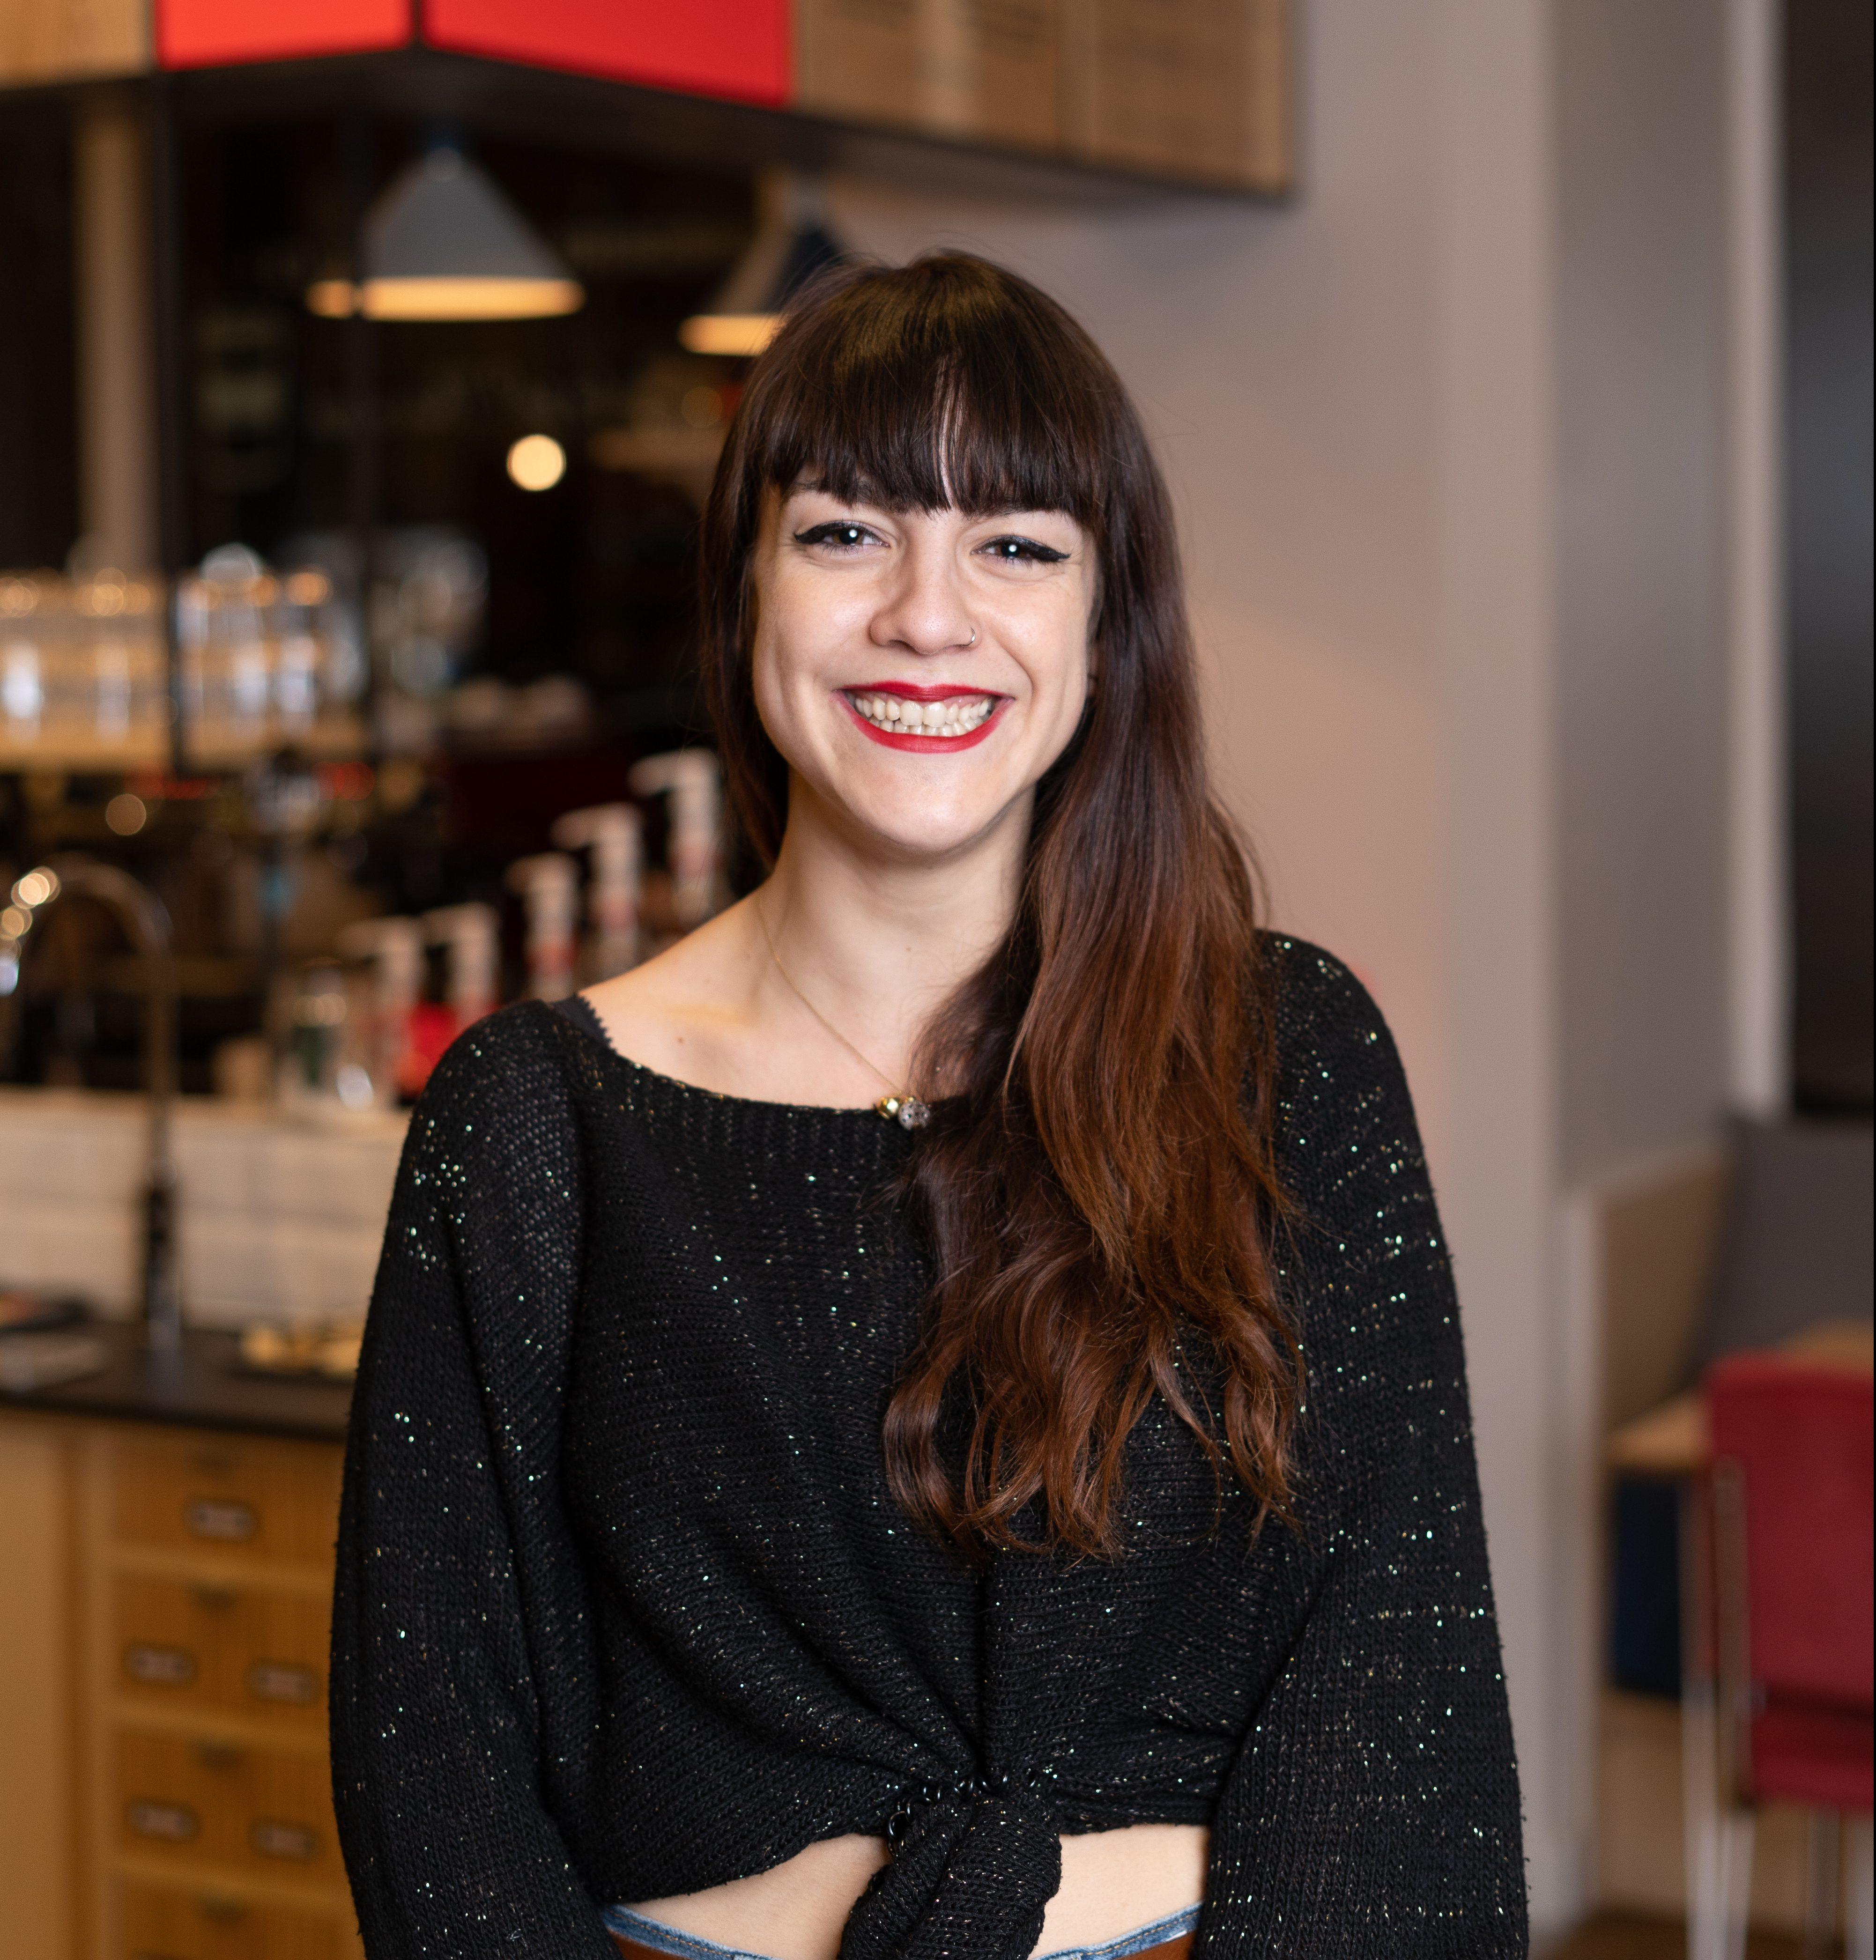 Sarah Lonegro e1575297948718 - Anticafé